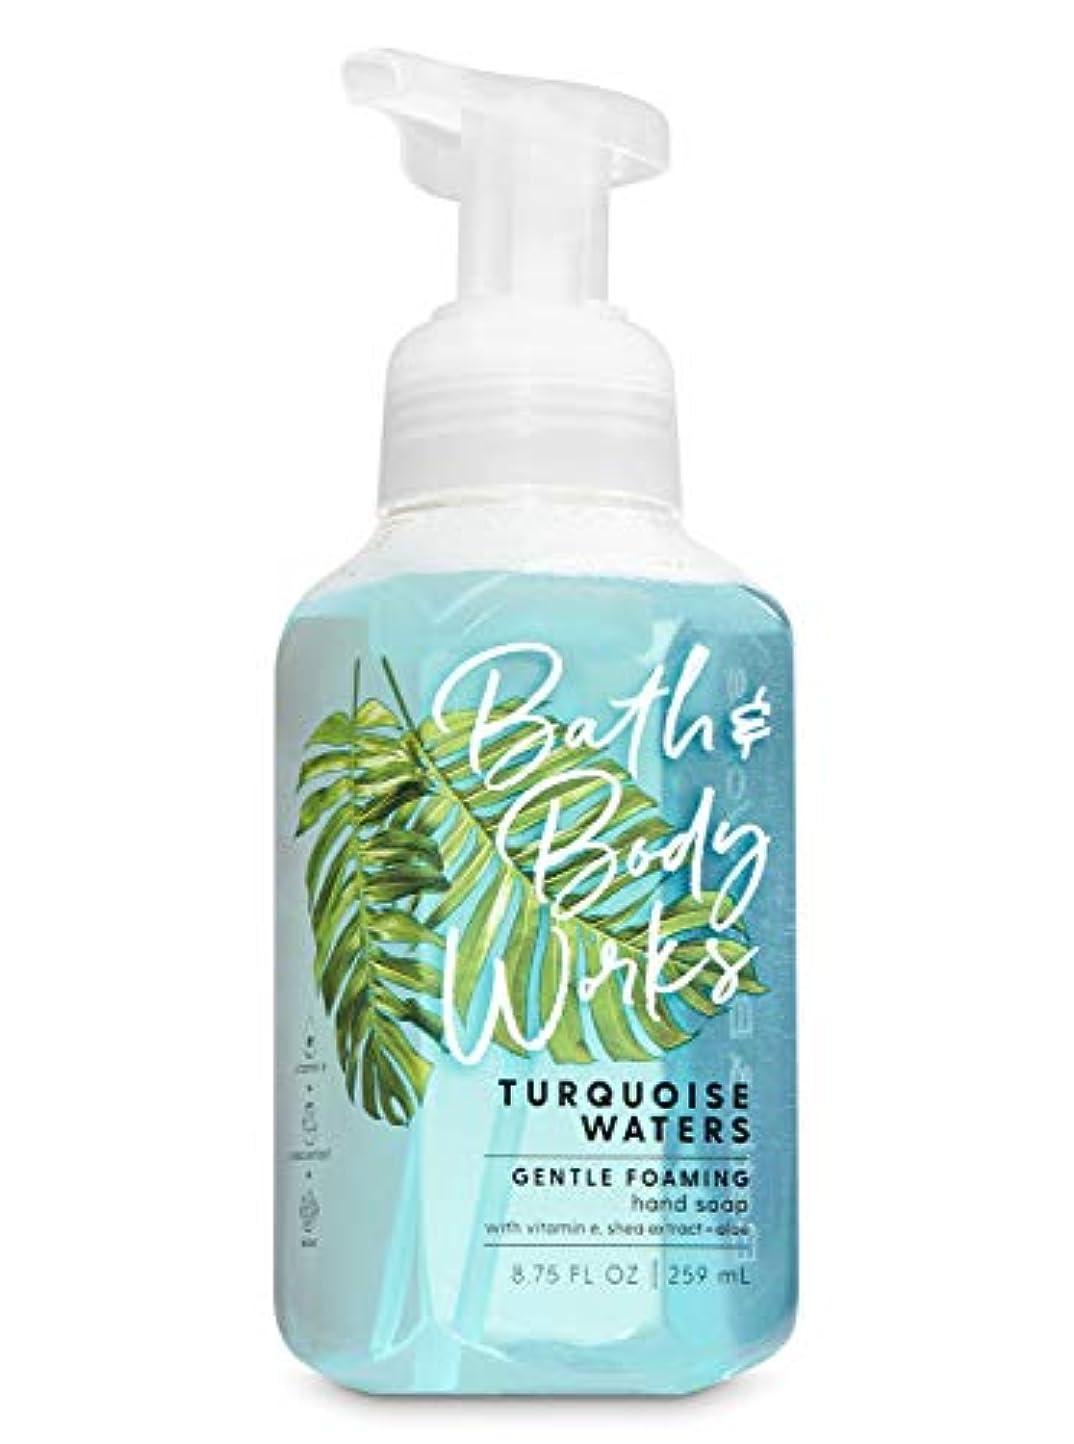 バレル誇張過度にバス&ボディワークス ターコイズウォーター ジェントル フォーミング ハンドソープ Turquoise Waters Gentle Foaming Hand Soap